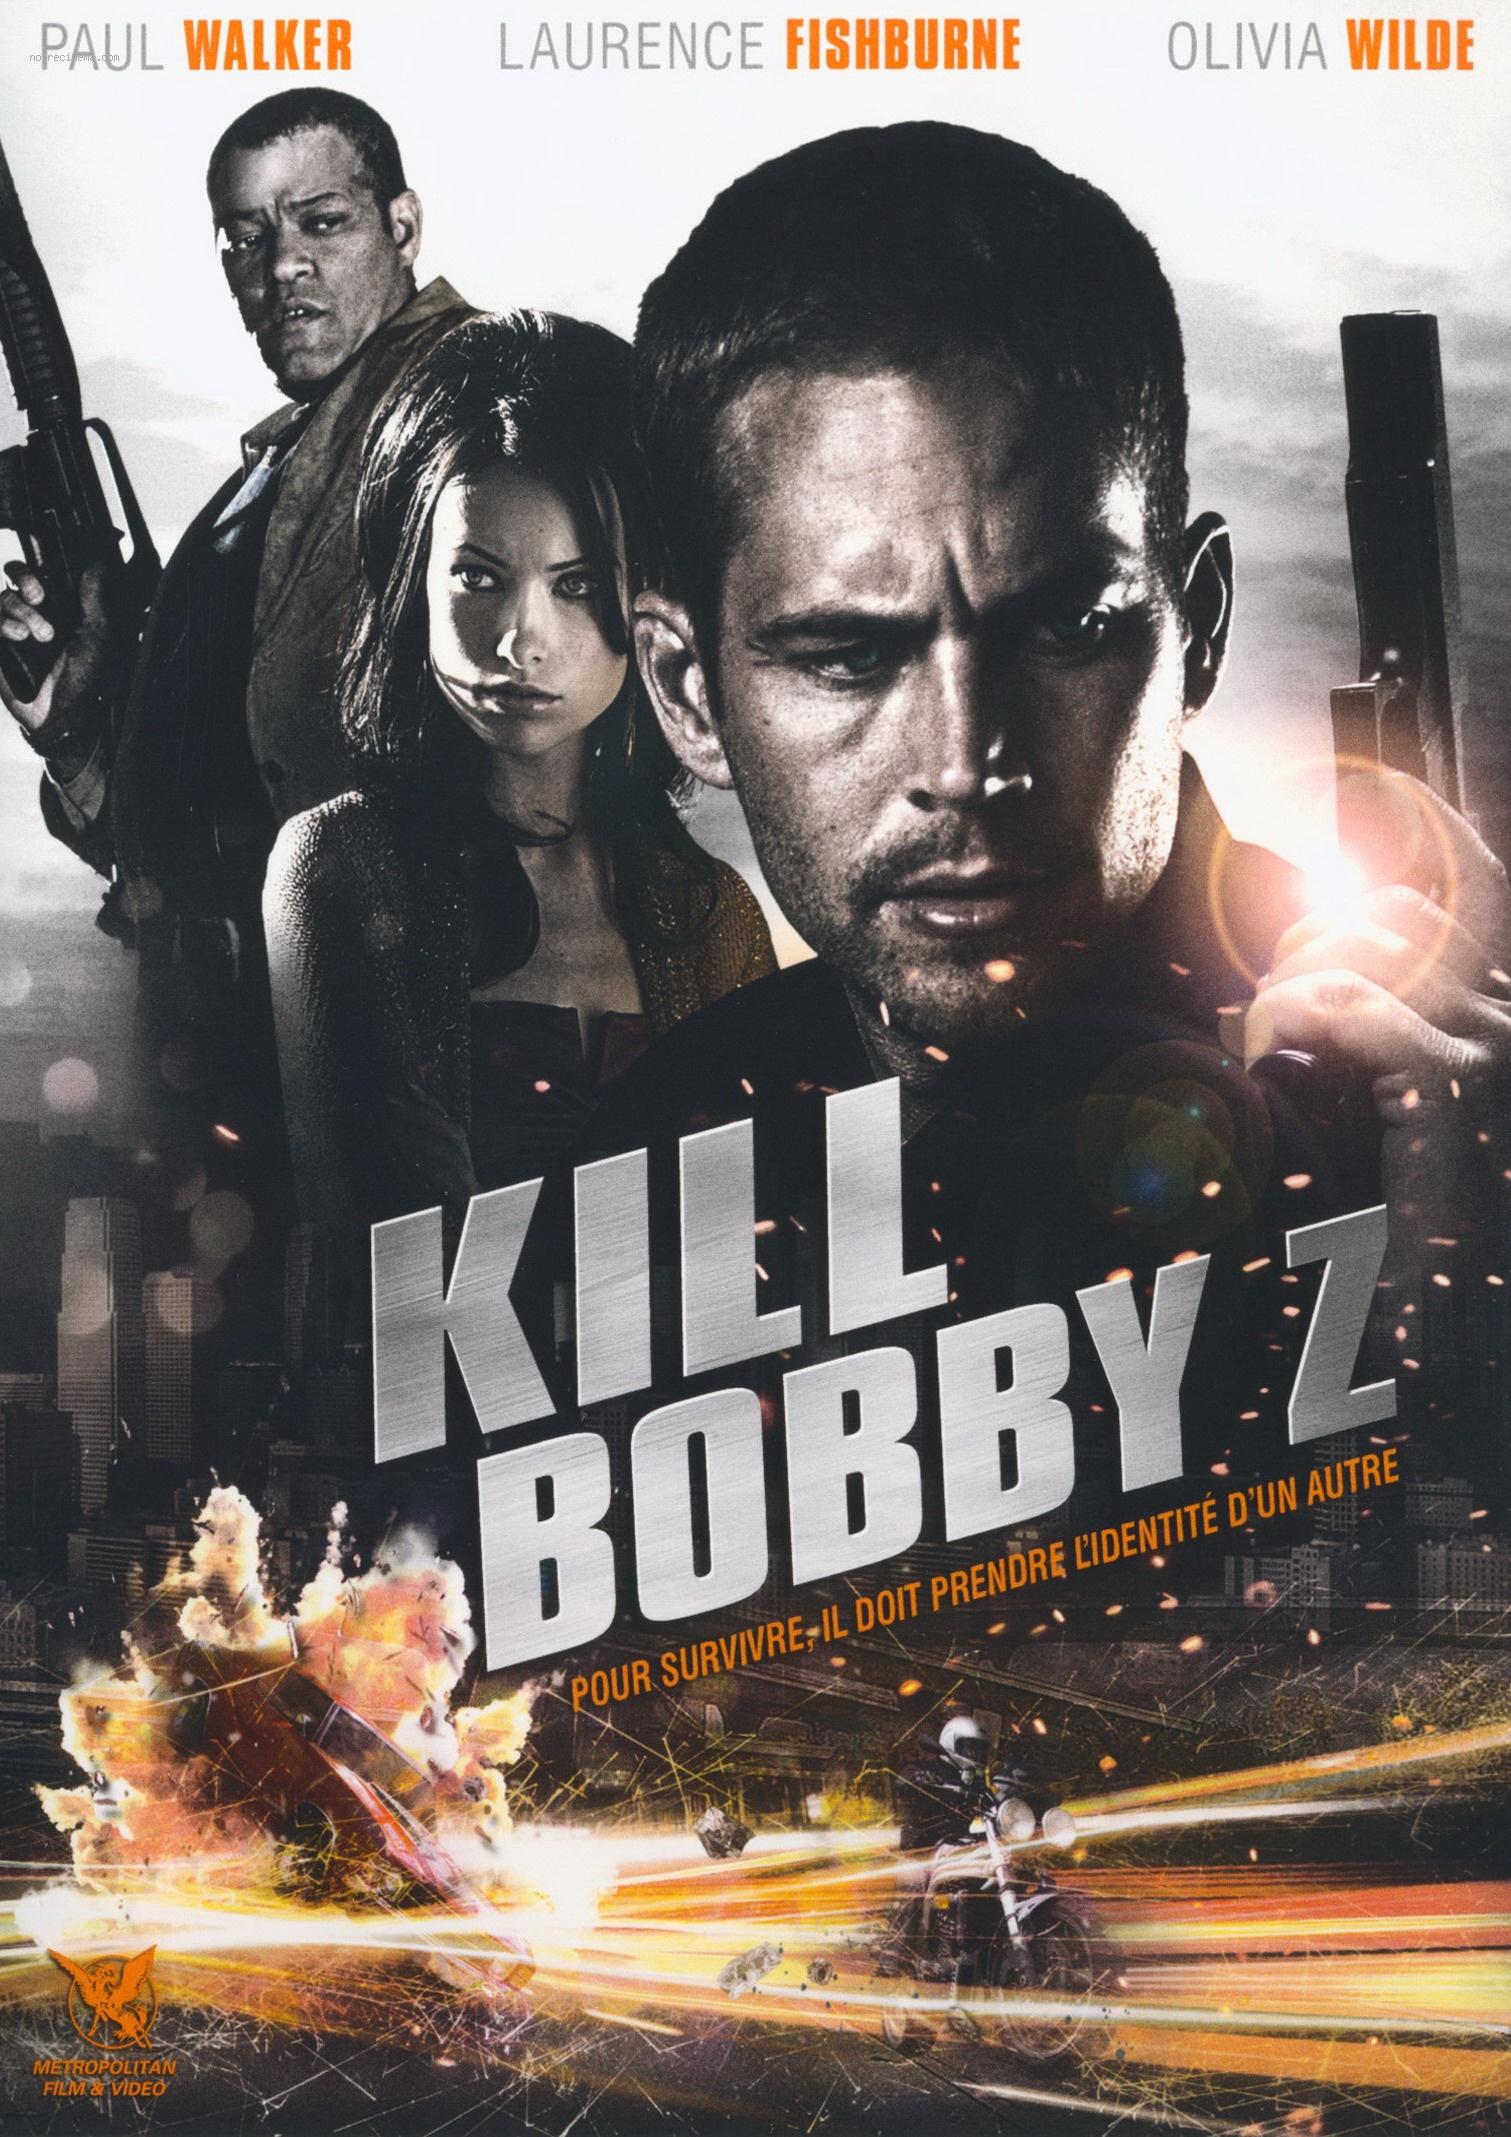 affiche du film Kill Bobby Z